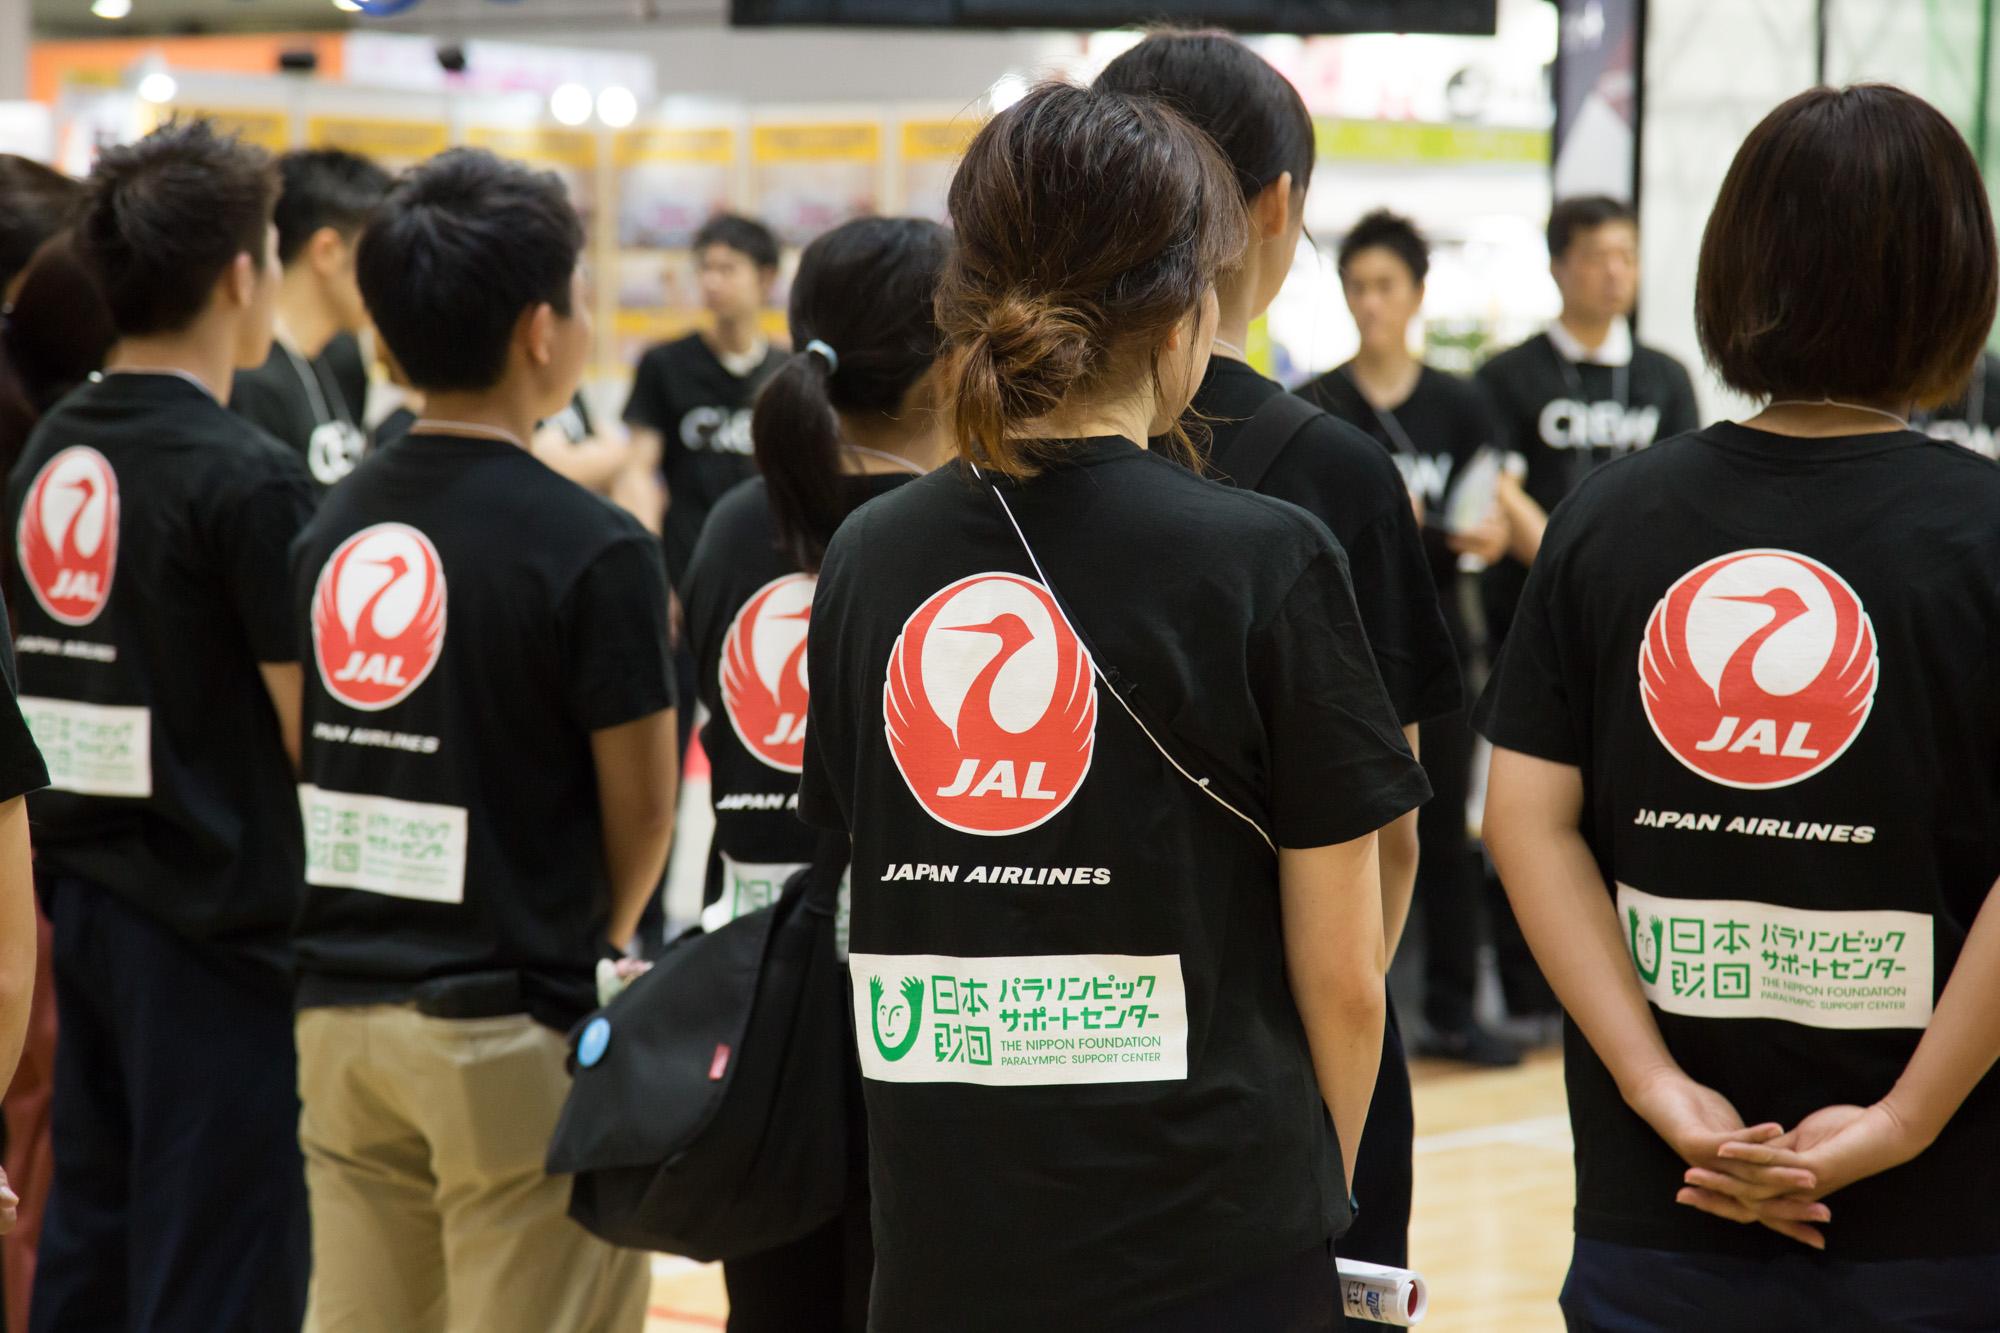 本イベントには多くのボランティアがスタッフとして参加